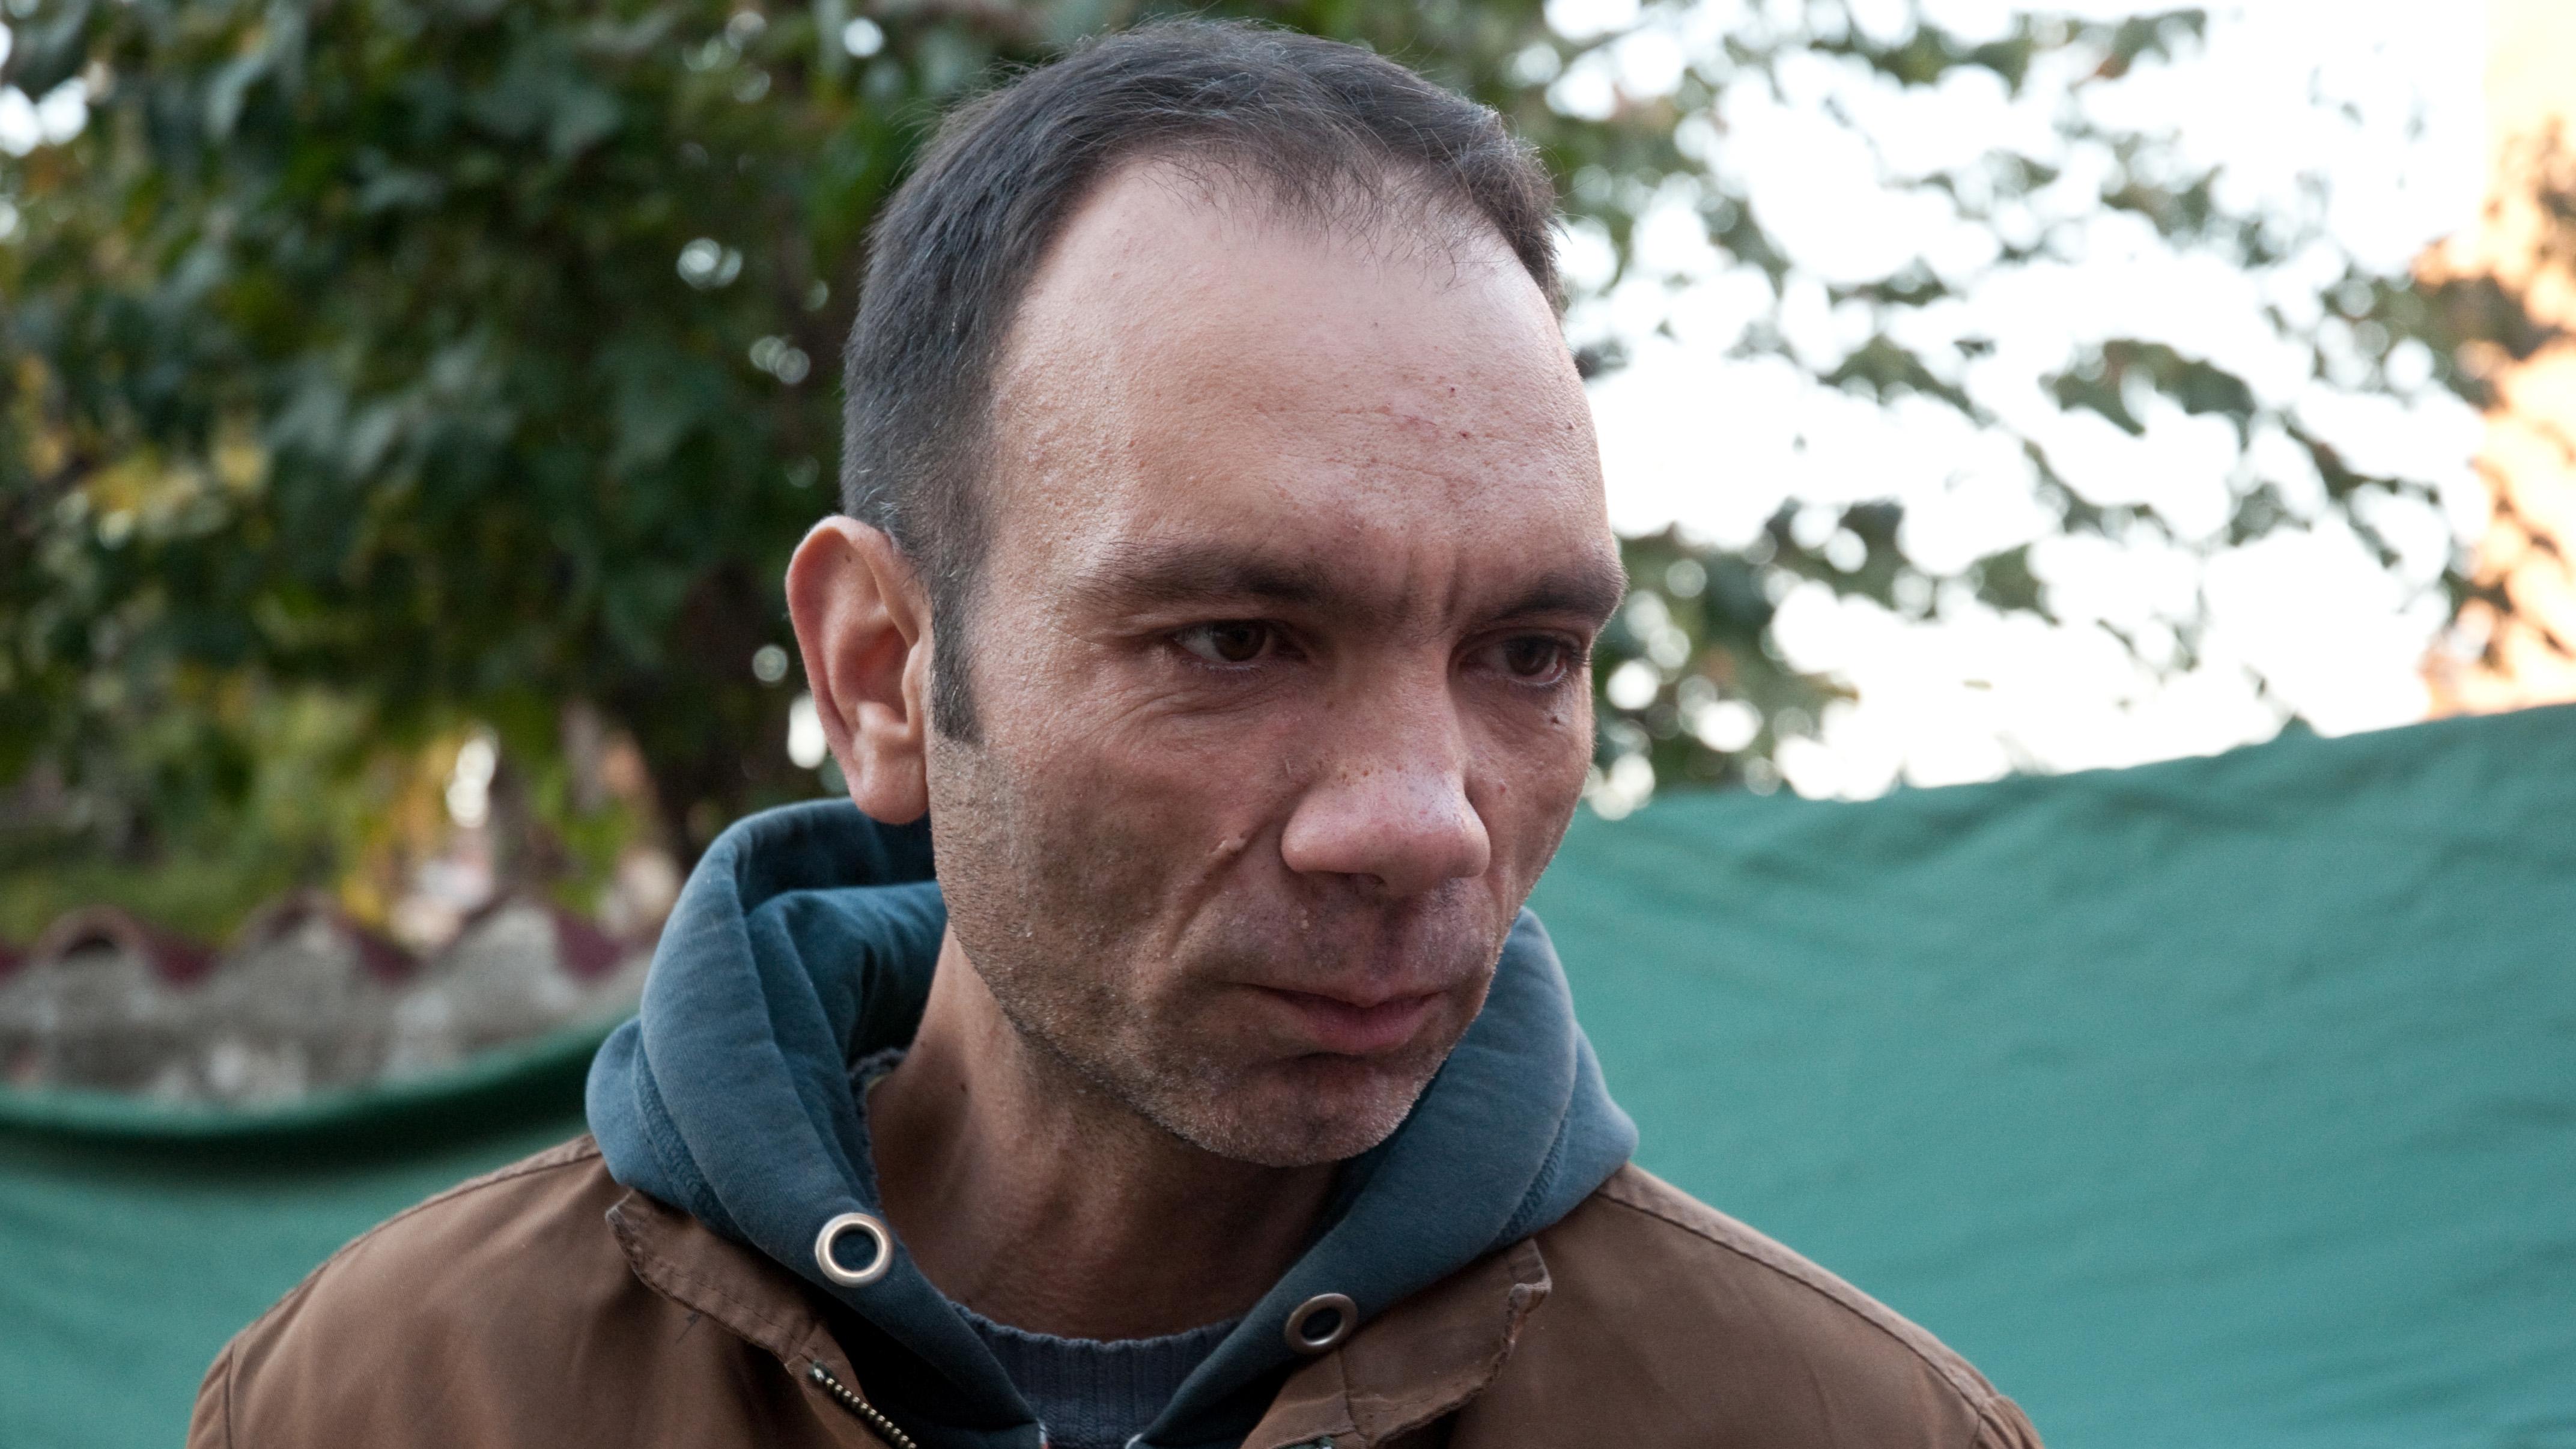 Cristi, fratele Mariei Ion, a vorbit pentru Cancan.ro despre situatia in care se afla acum familia acesteia